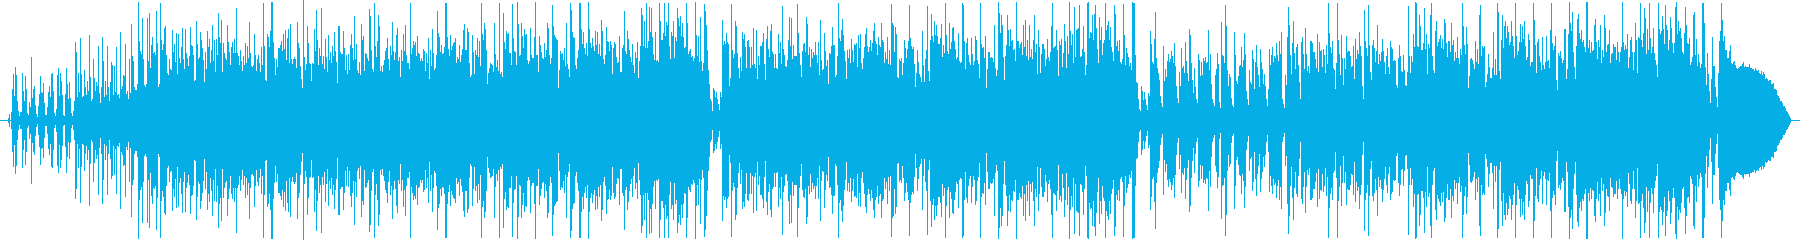 陽気なカントリー風ミュージックの再生済みの波形